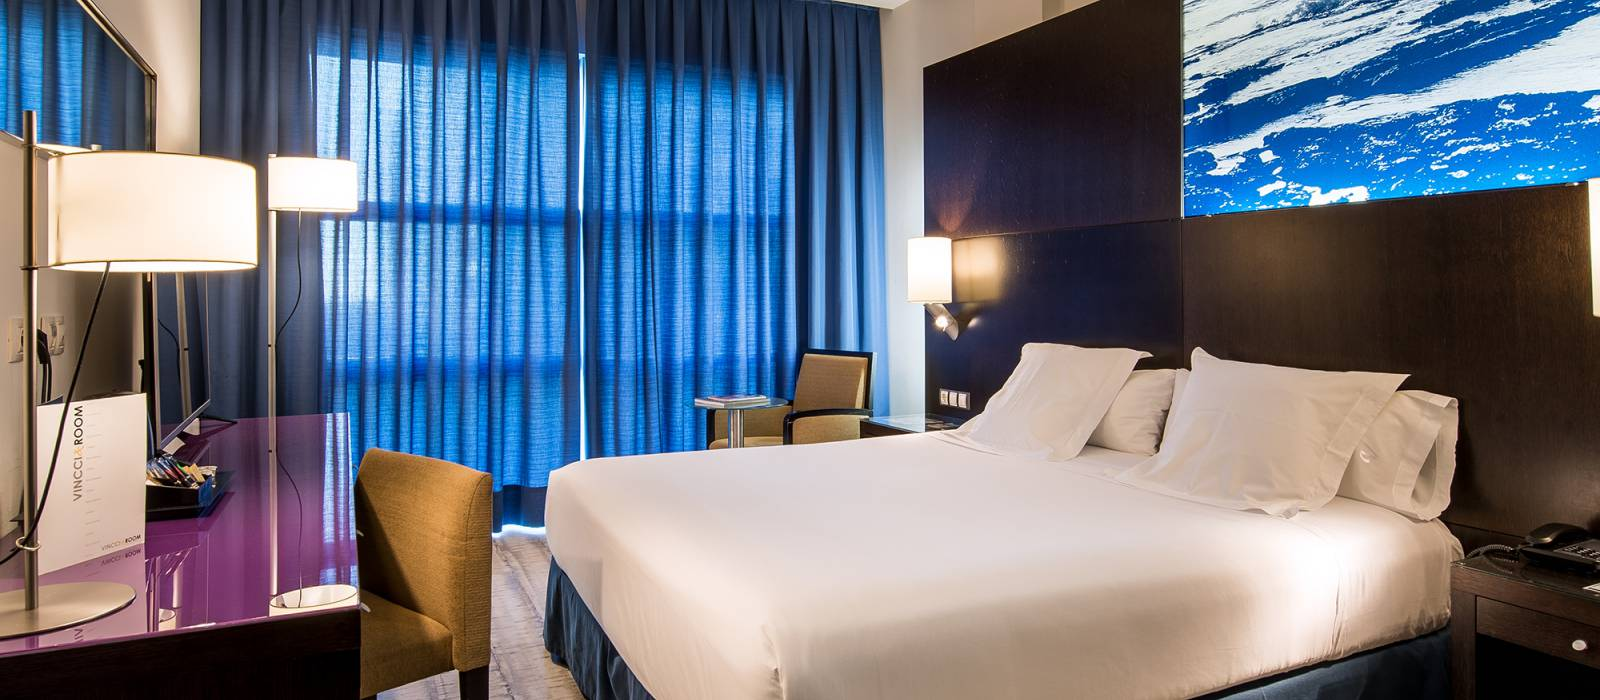 Habitaciones Hotel Barcelona Marítimo - Vincci Hoteles - Habitación Doble